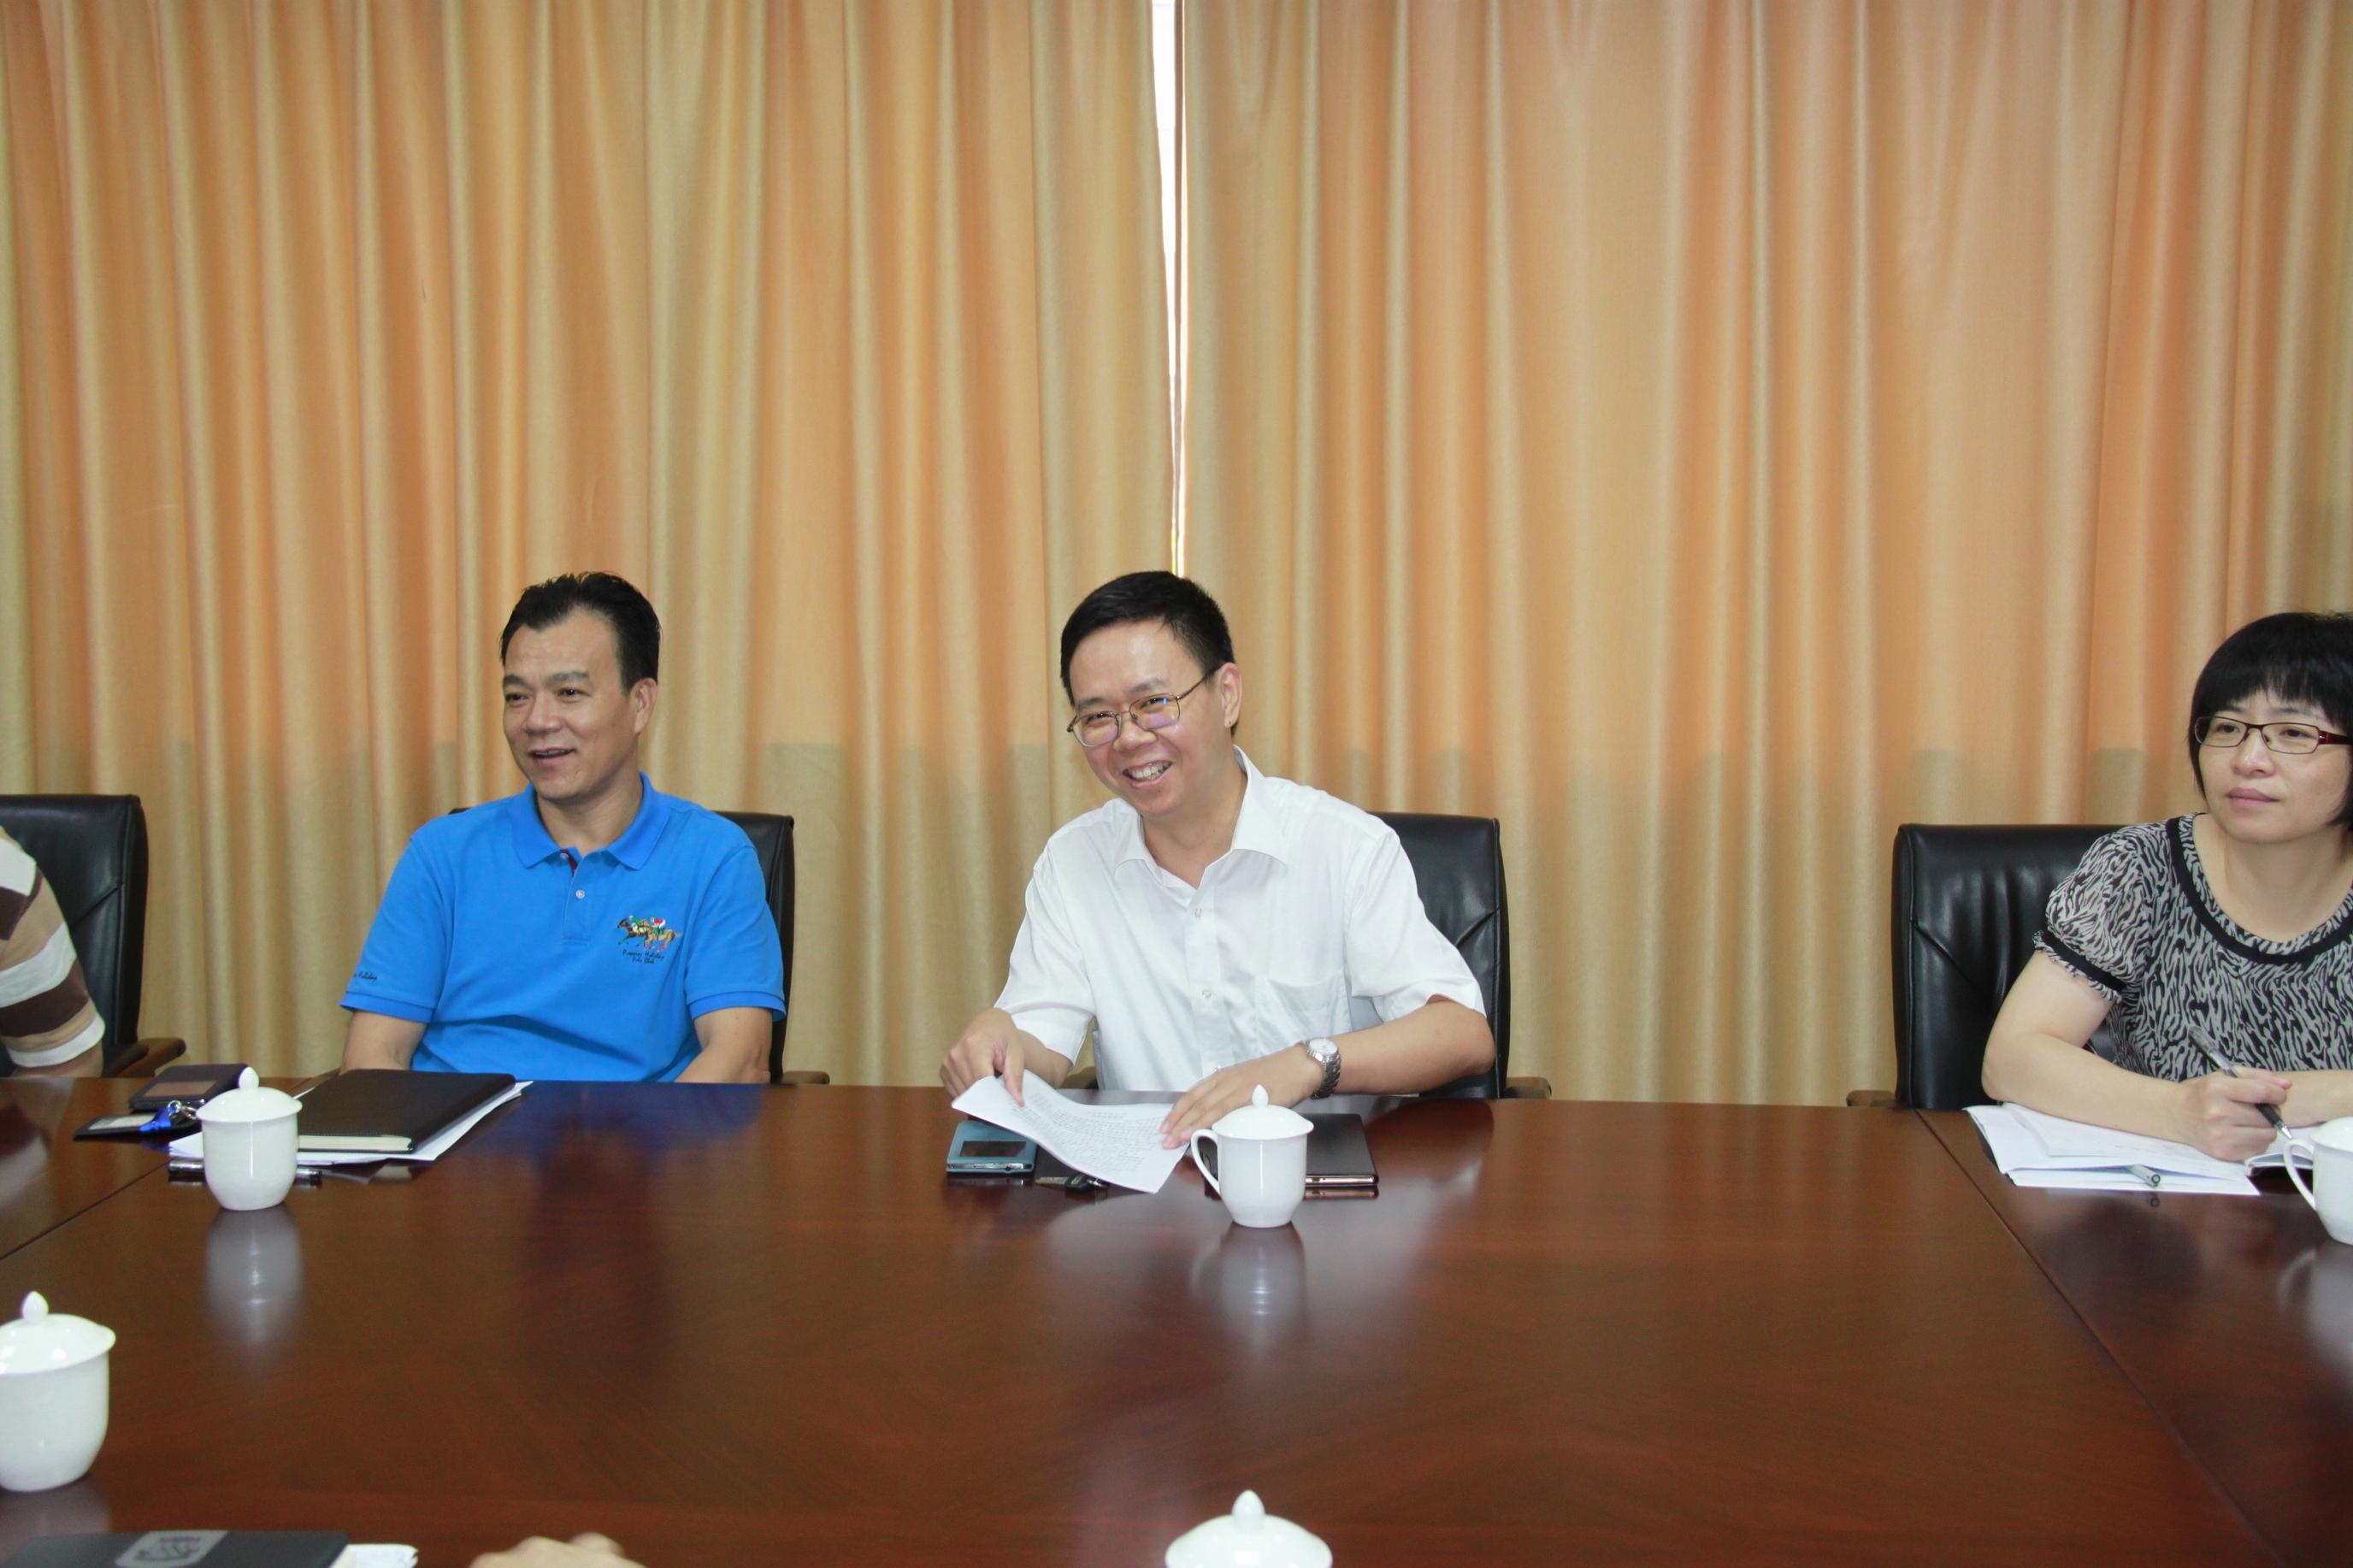 我校将与南海区政府建立新型战略合作关系